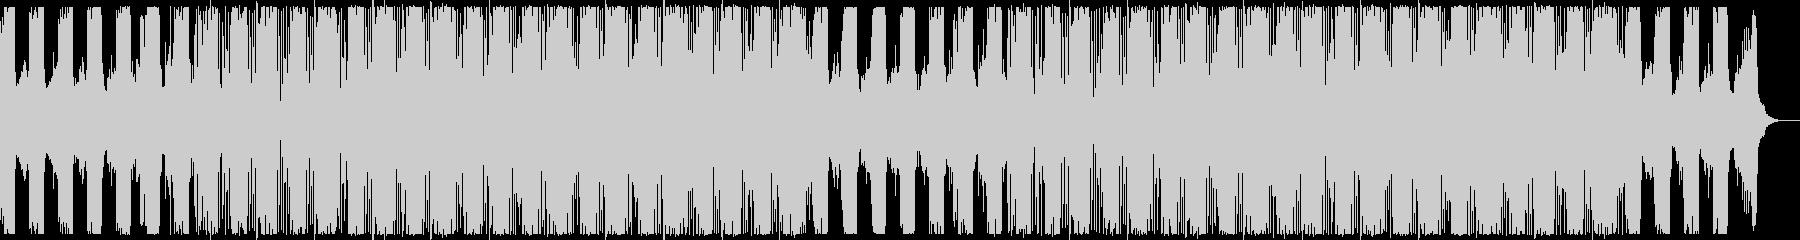 雄大で切ない感動的なエレクトロニカ。の未再生の波形